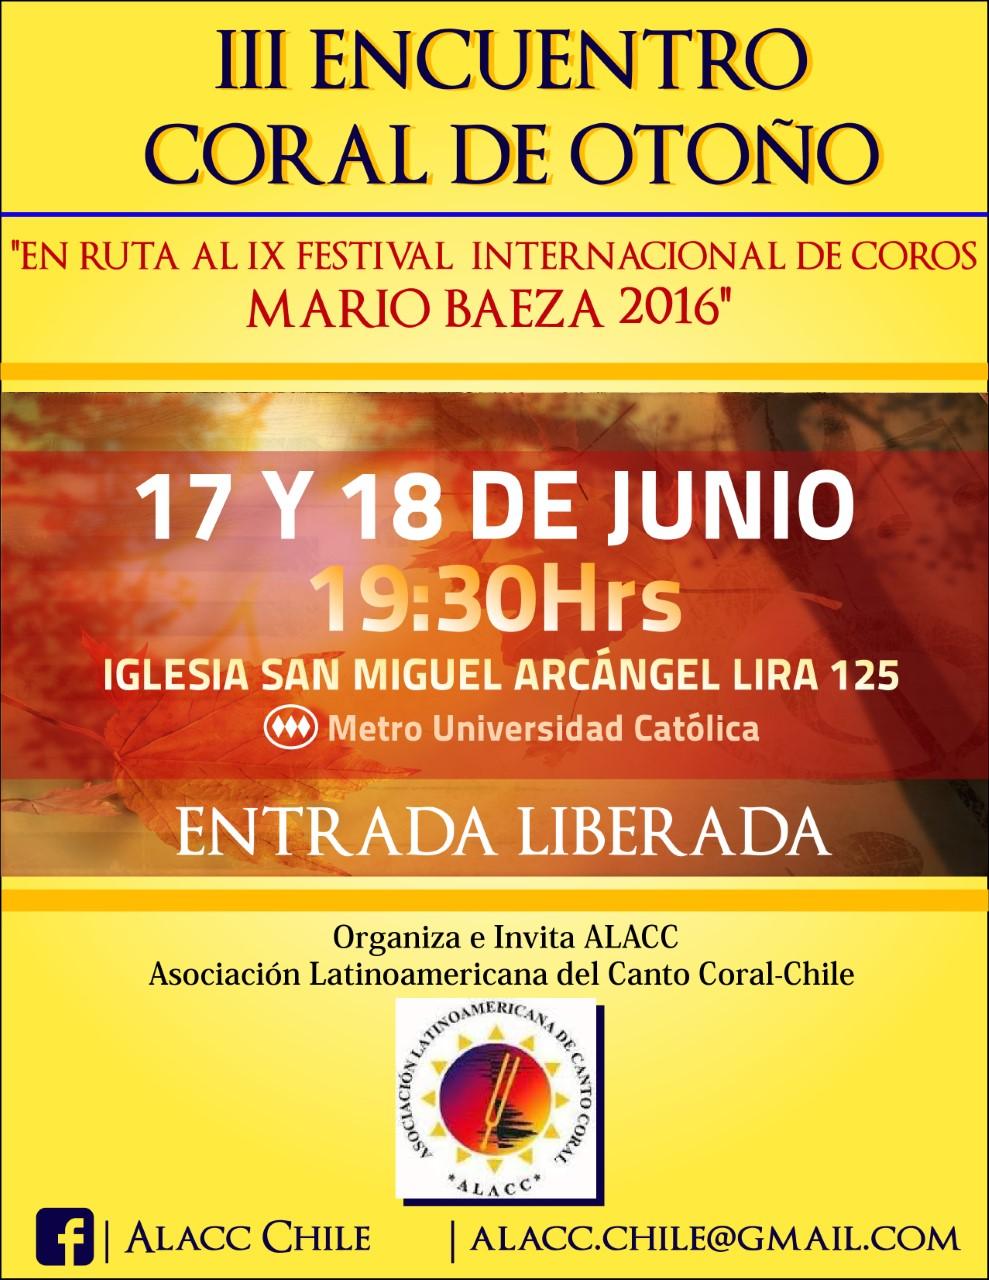 III Encuentro de Otoño 2016-Afiche (Iglesia Fach)